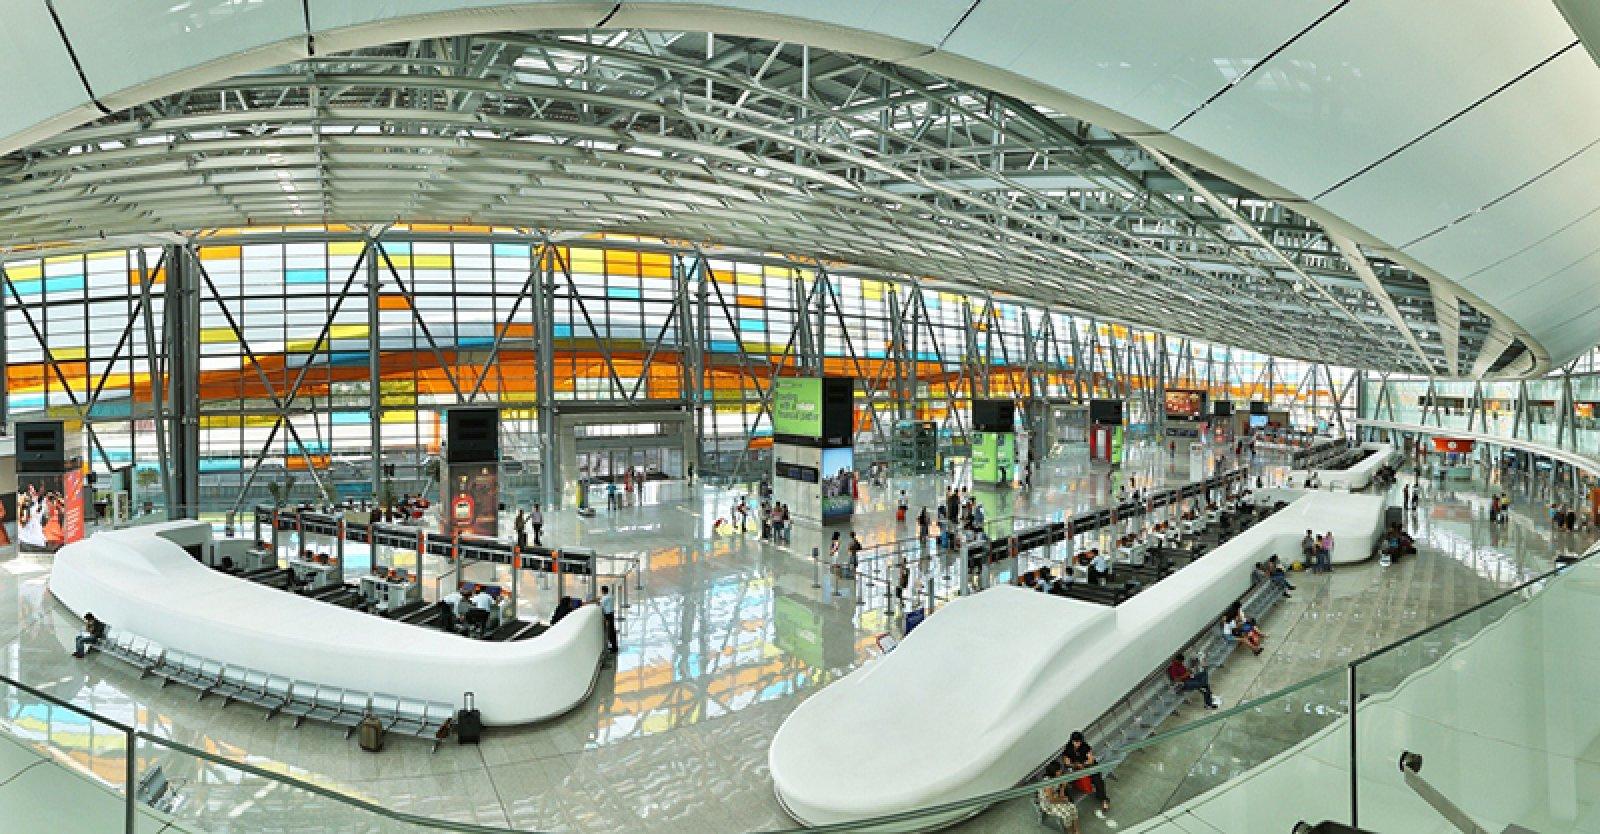 Erivan Zvartnots Uluslararası Havalimanı, Ermenistan